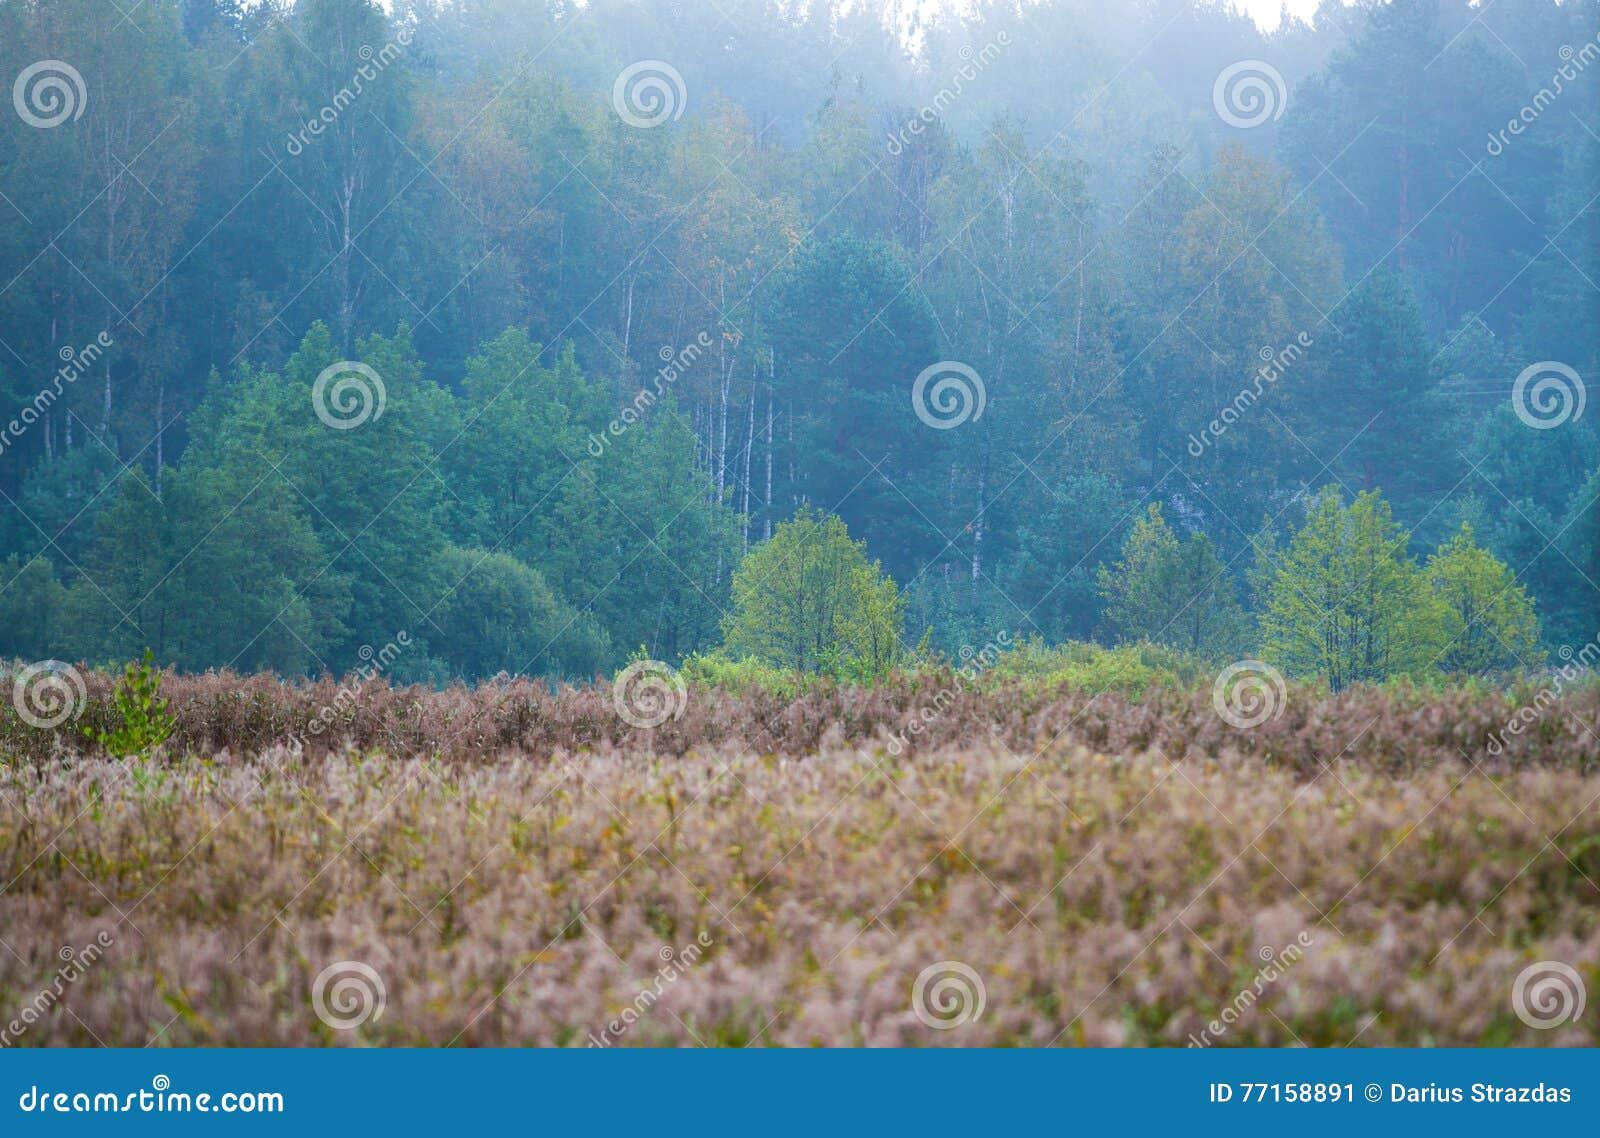 Forêt et marais, paysage lithuanien